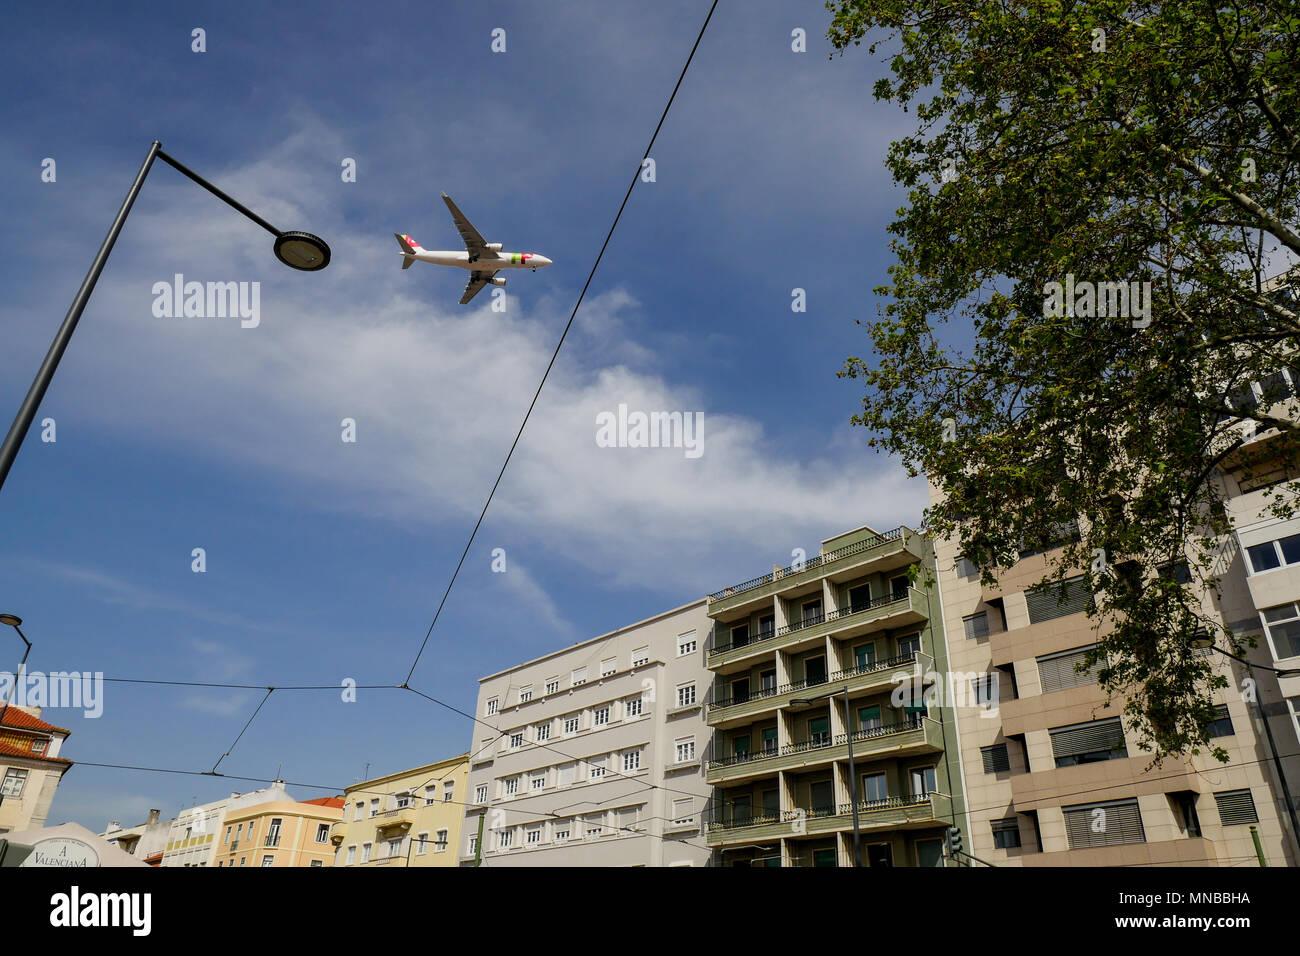 L'atterrissage avion vole à basse altitude au-dessus des toits de Lisbonne, Portugal Photo Stock